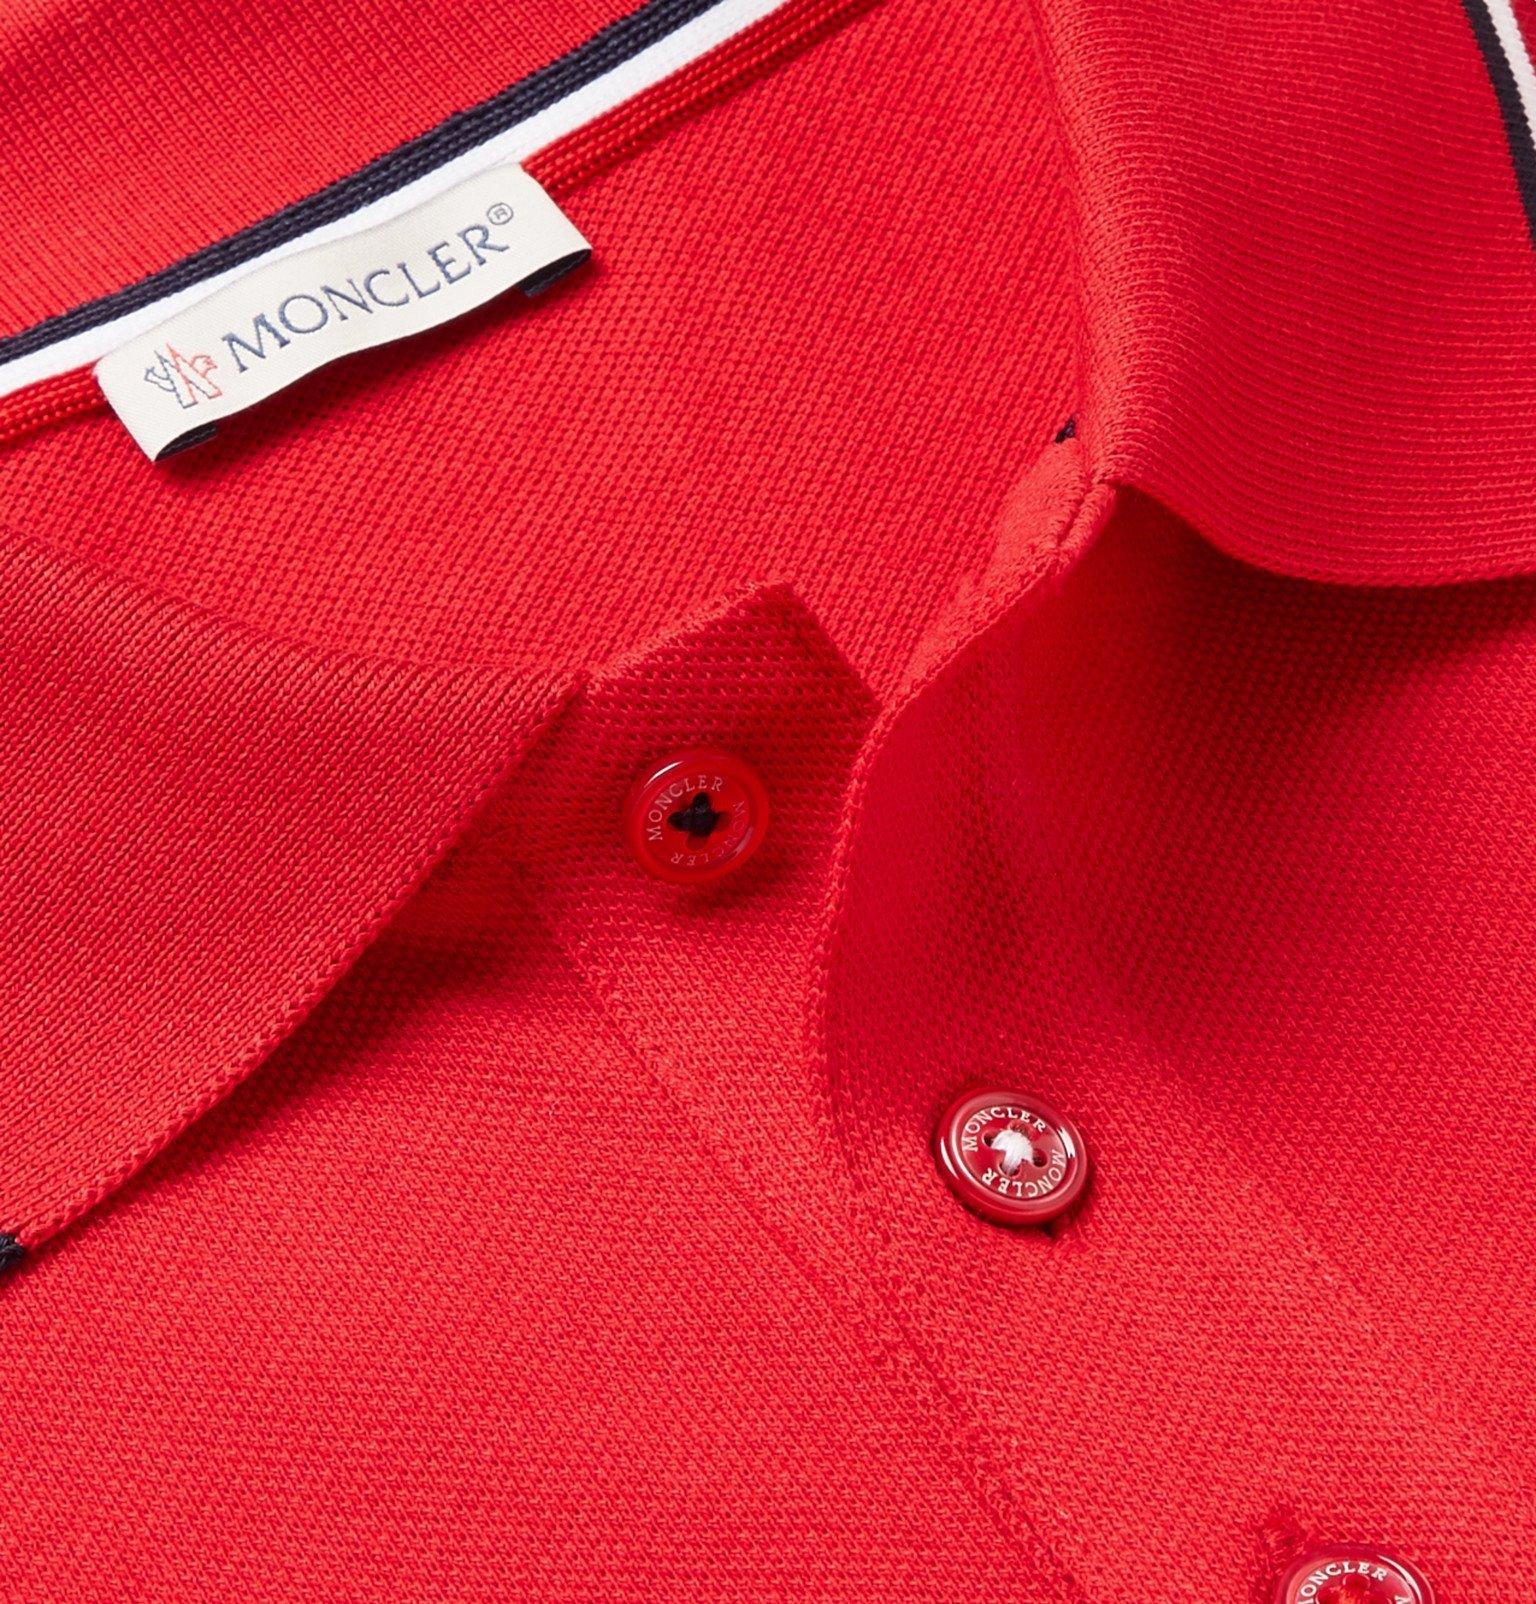 Moncler - Logo-Appliquéd Striped Cotton-Piqué Polo Shirt - Red